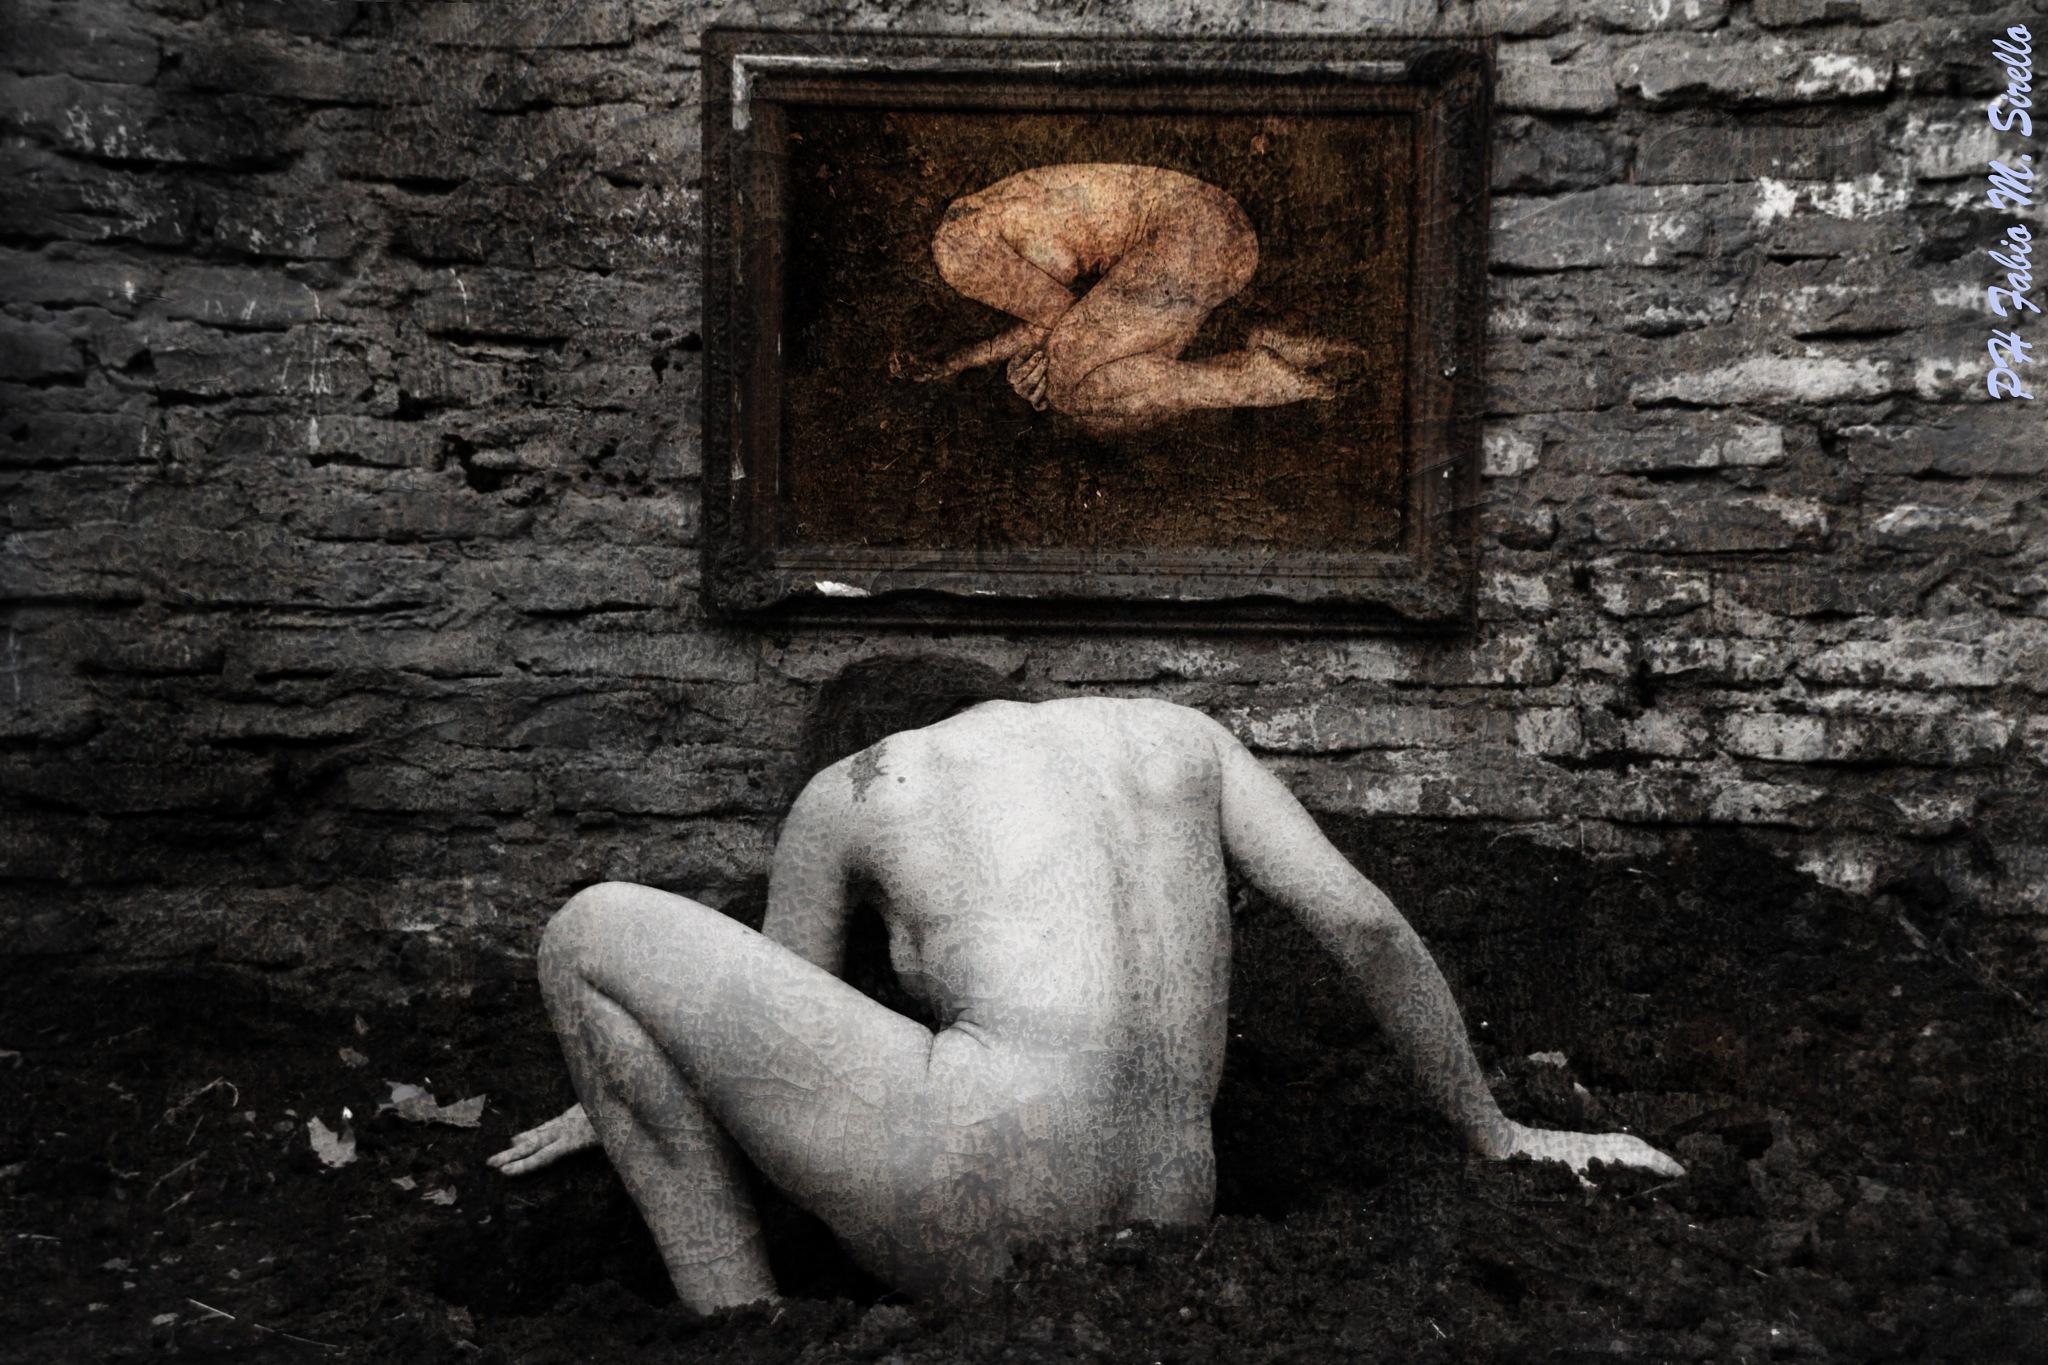 Untitled by FABIOMARCELOSIRELLO